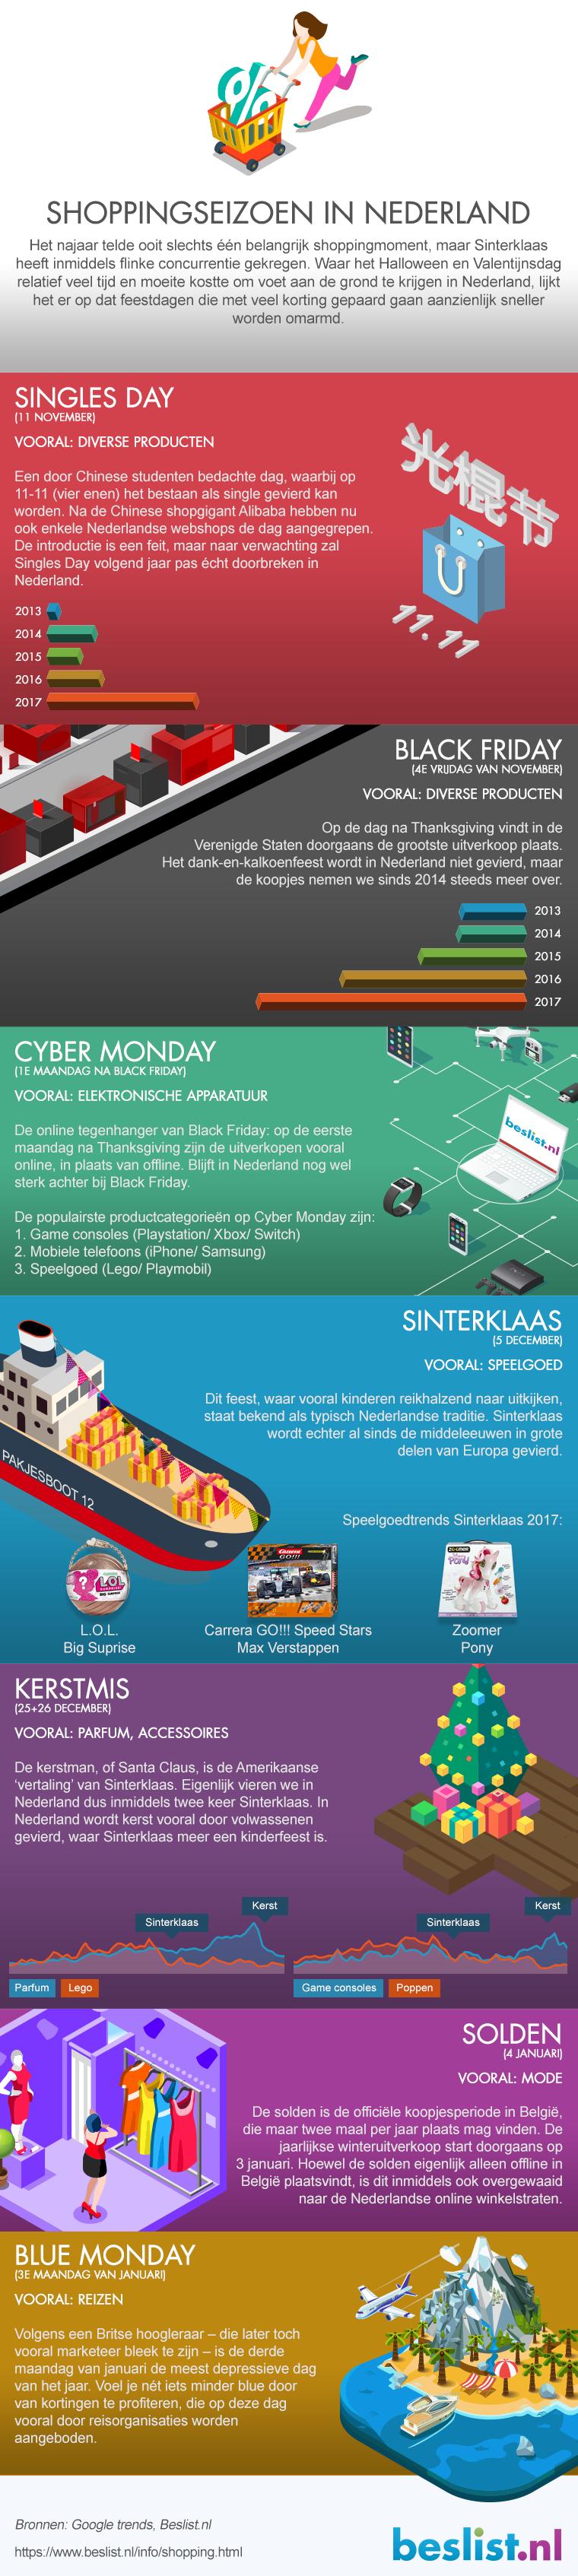 Infographic Shoppingseizoen Nederland